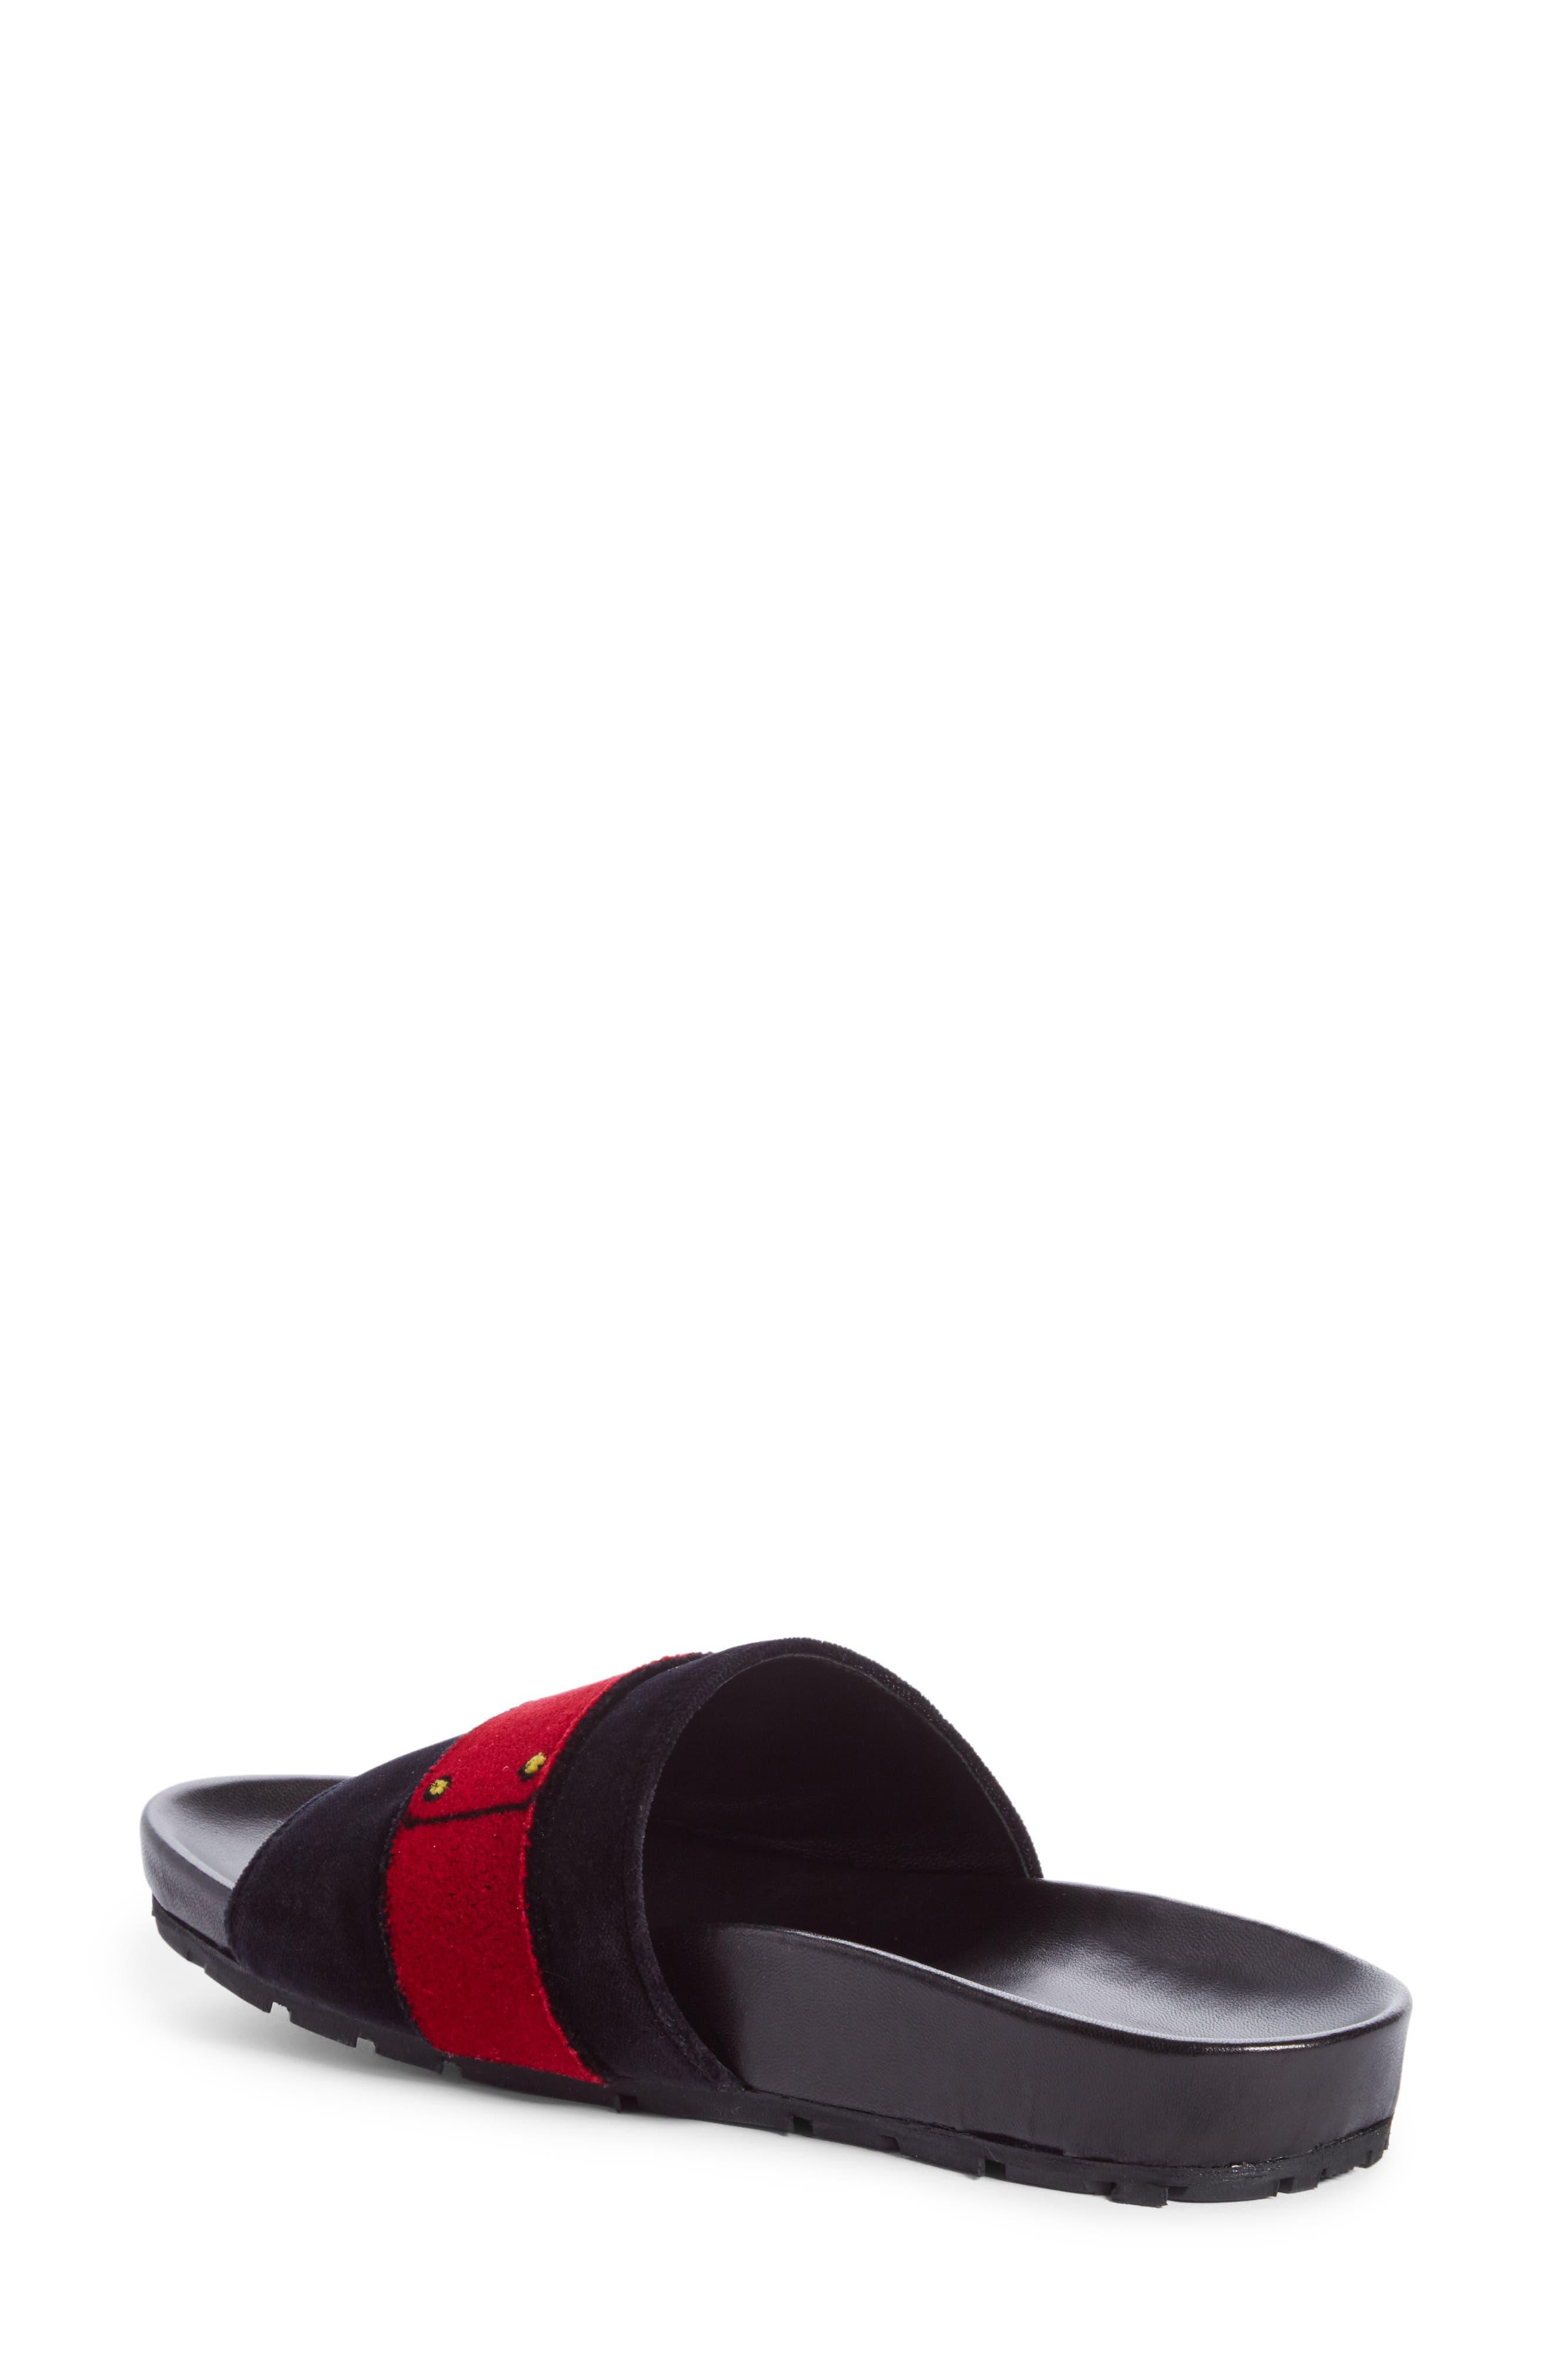 Alternate Image 2  - Prada Logo Slide Sandal (Women)